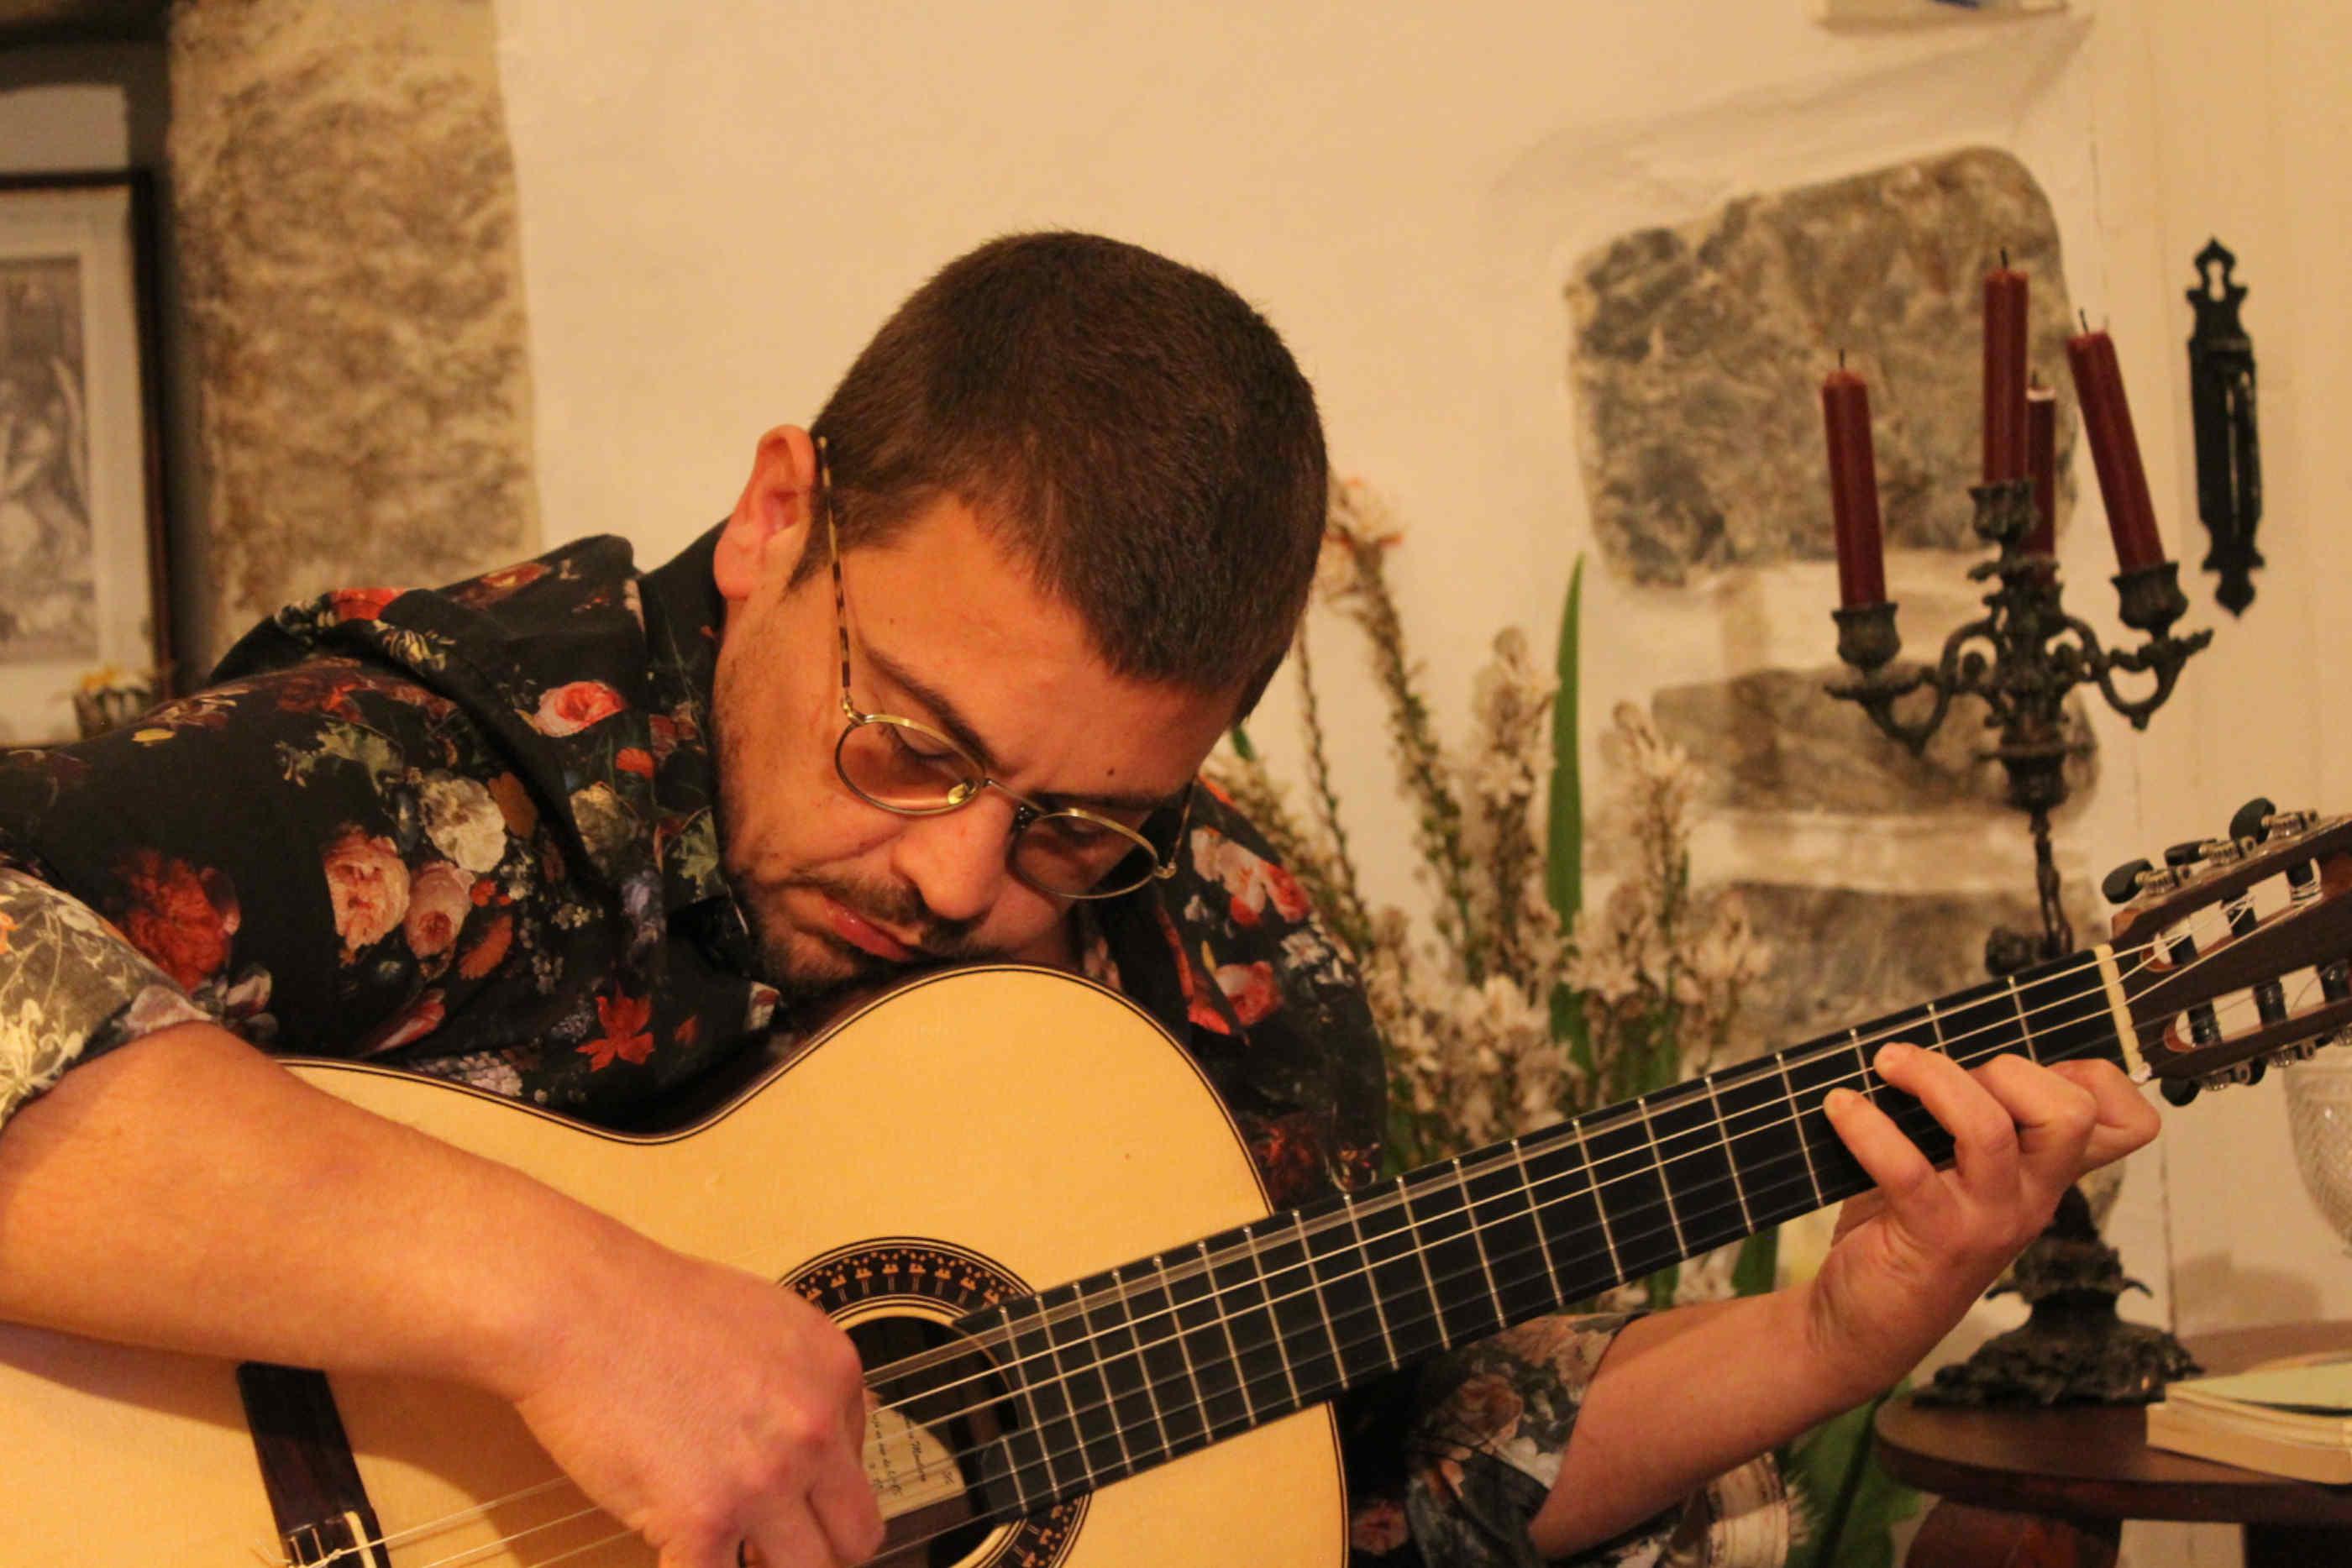 Ricardo Ribeiro a tocar violão em um ambiente domiciliar